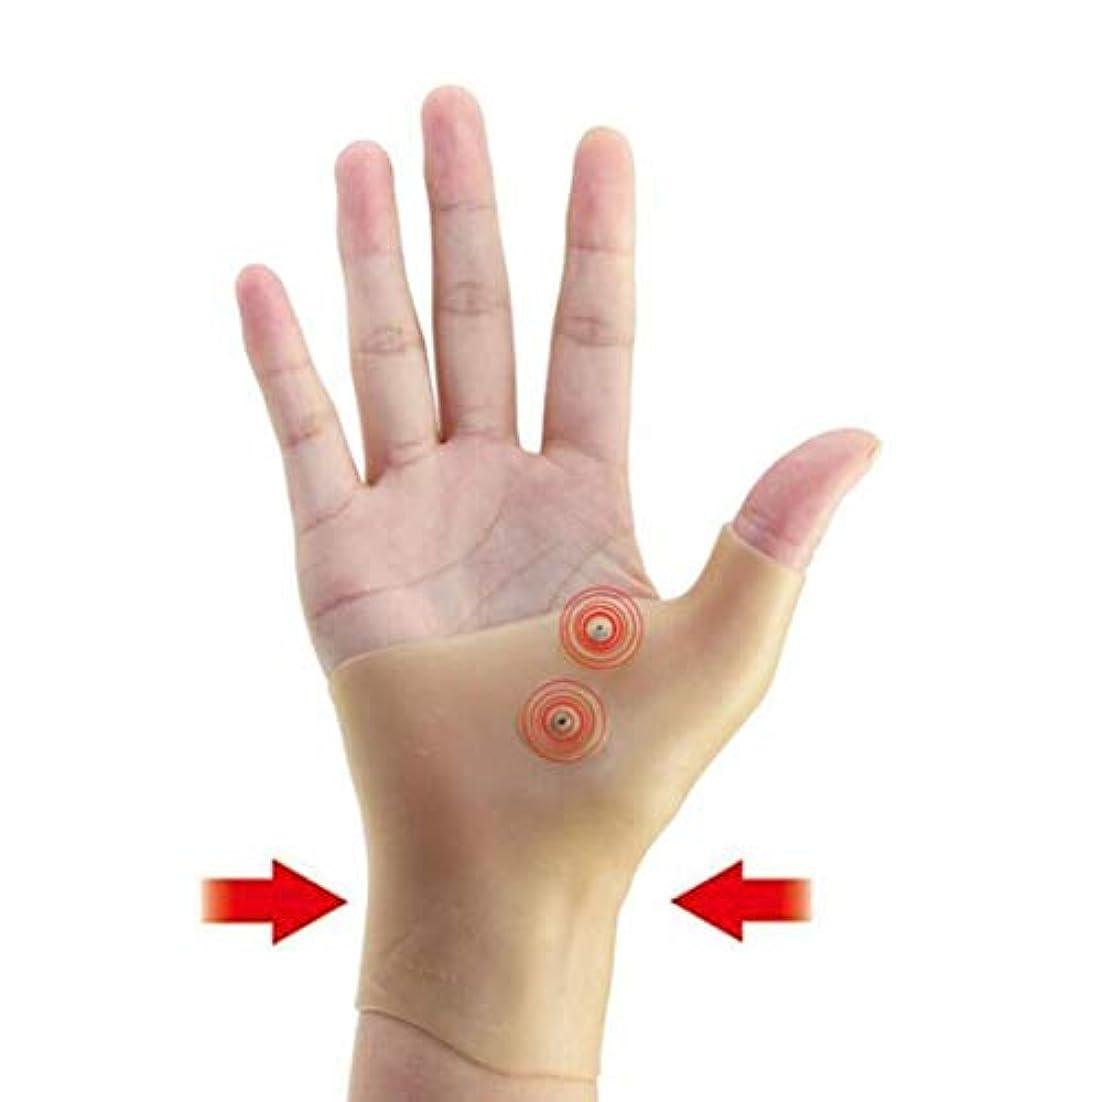 守る歌手模倣磁気療法手首手親指サポート手袋シリコーンゲル関節炎圧力矯正器マッサージ痛み緩和手袋 - 肌の色